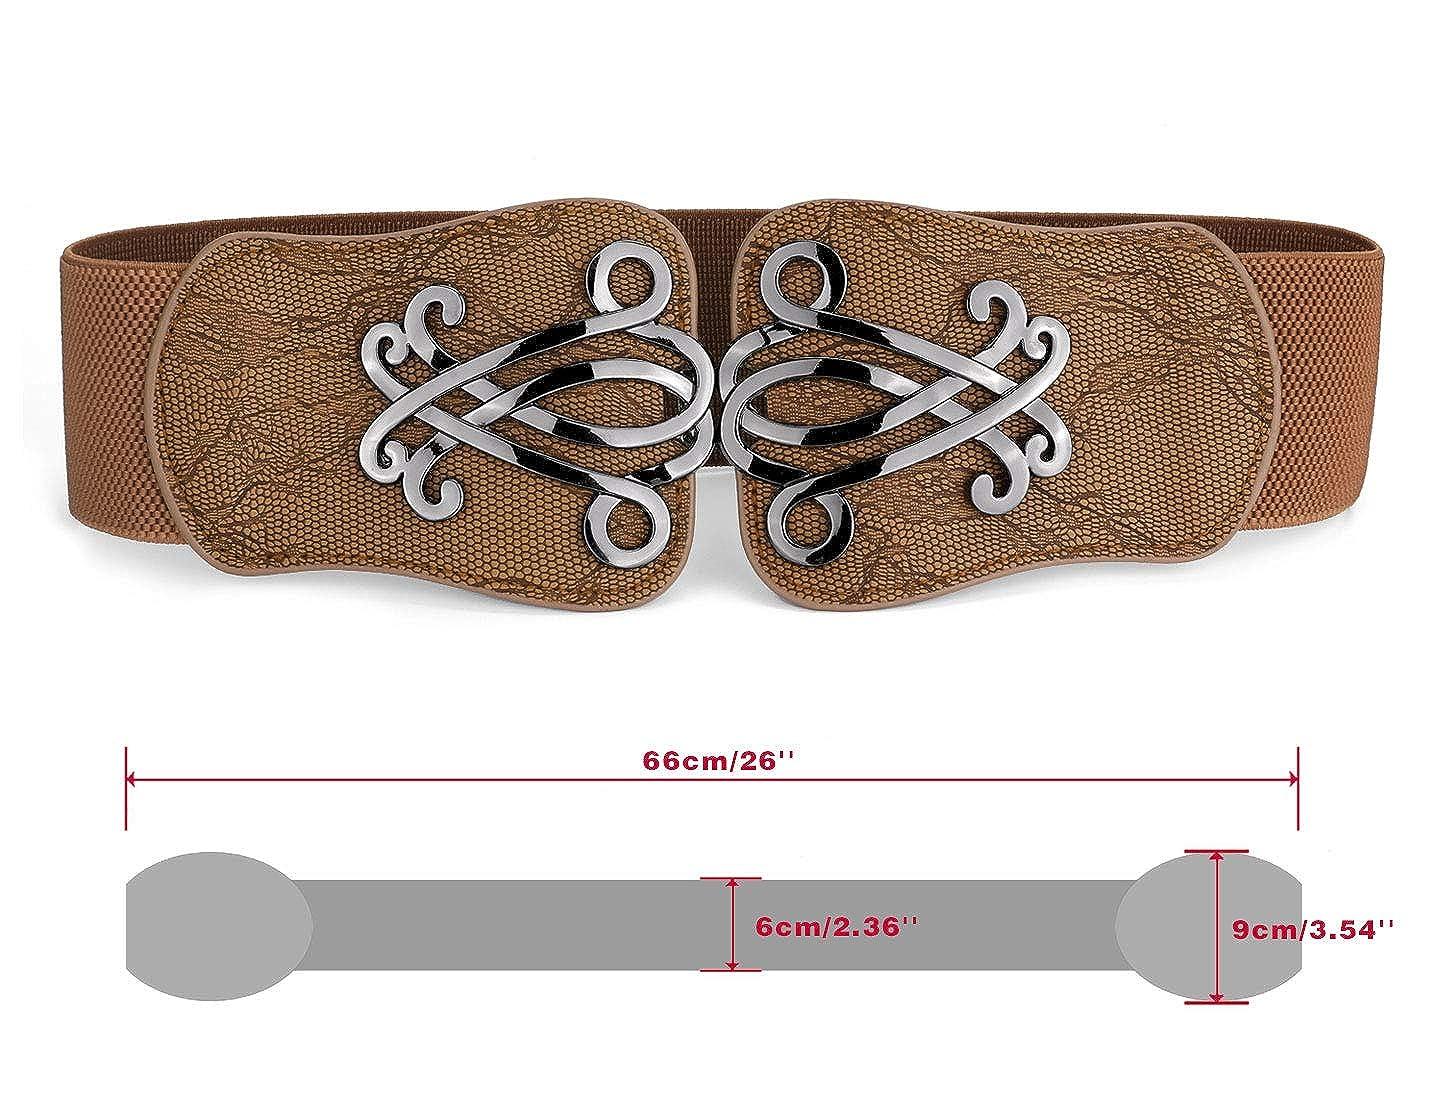 Metall Damen Gürtel Mit Gürtelschnalle Stretchy Gummibund Interlocking Retro